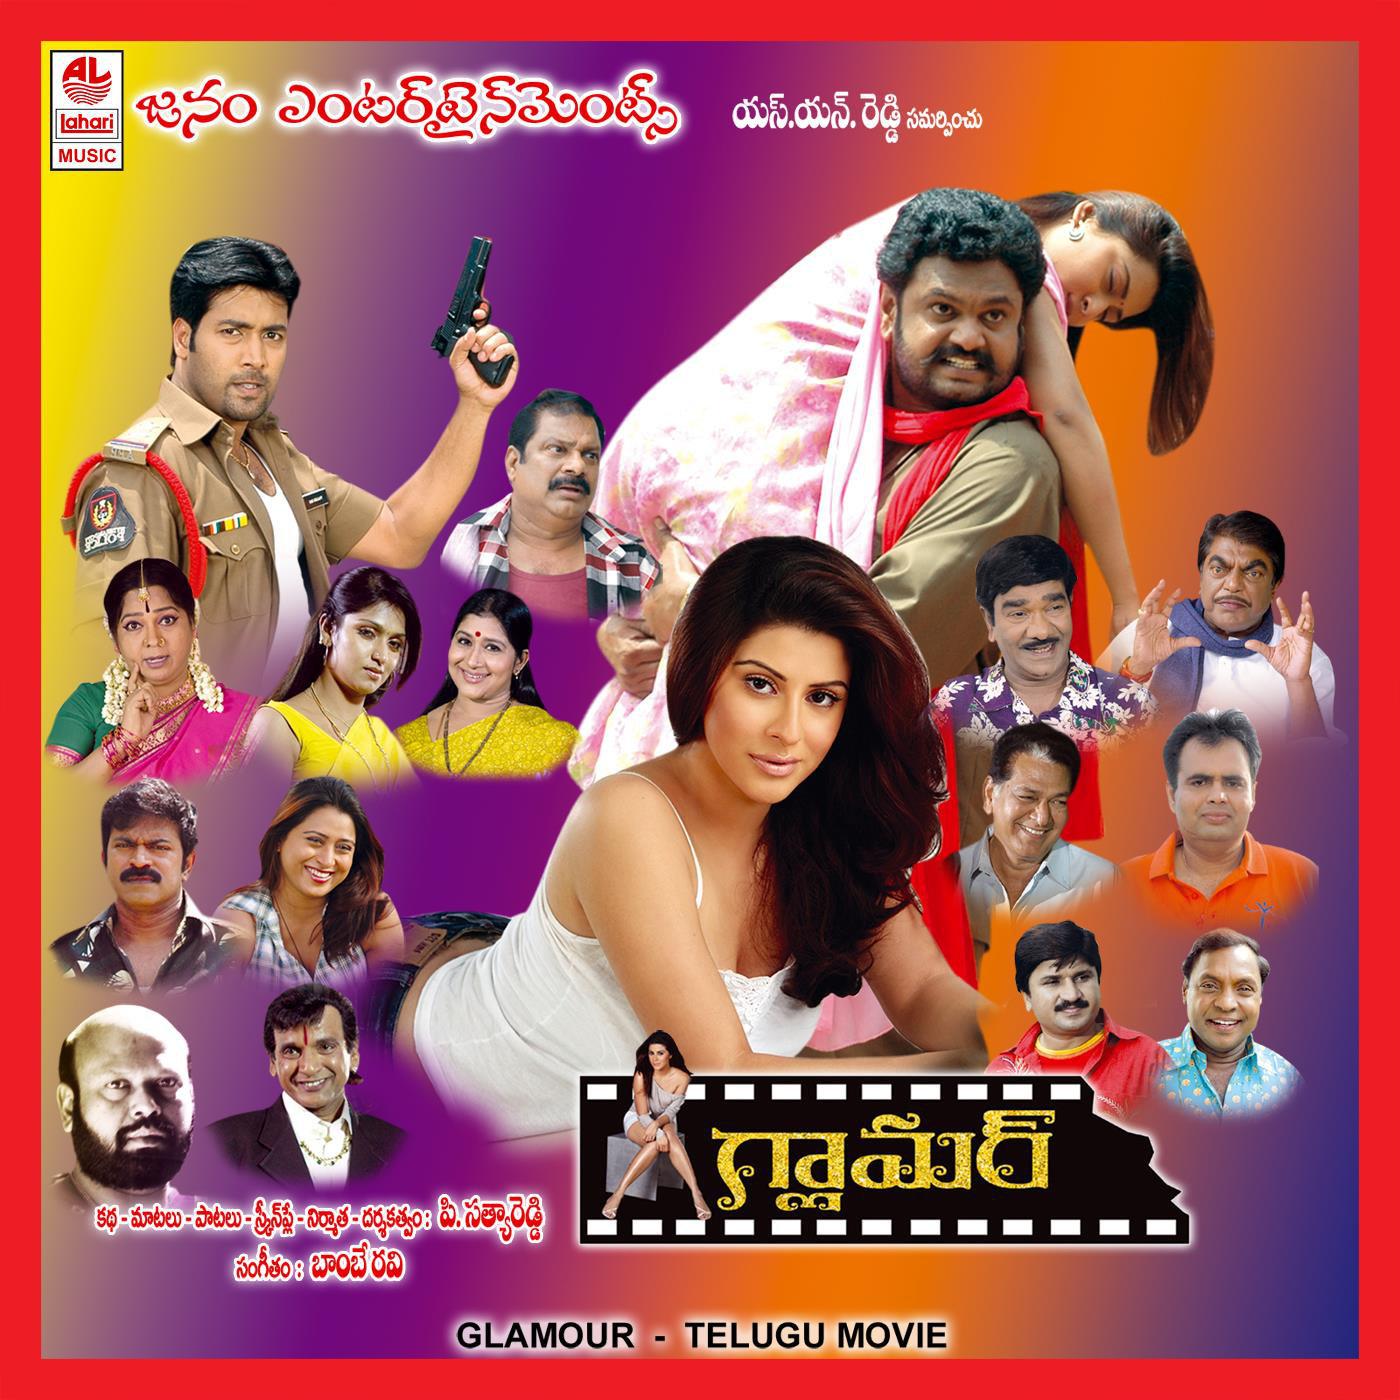 lahari music download